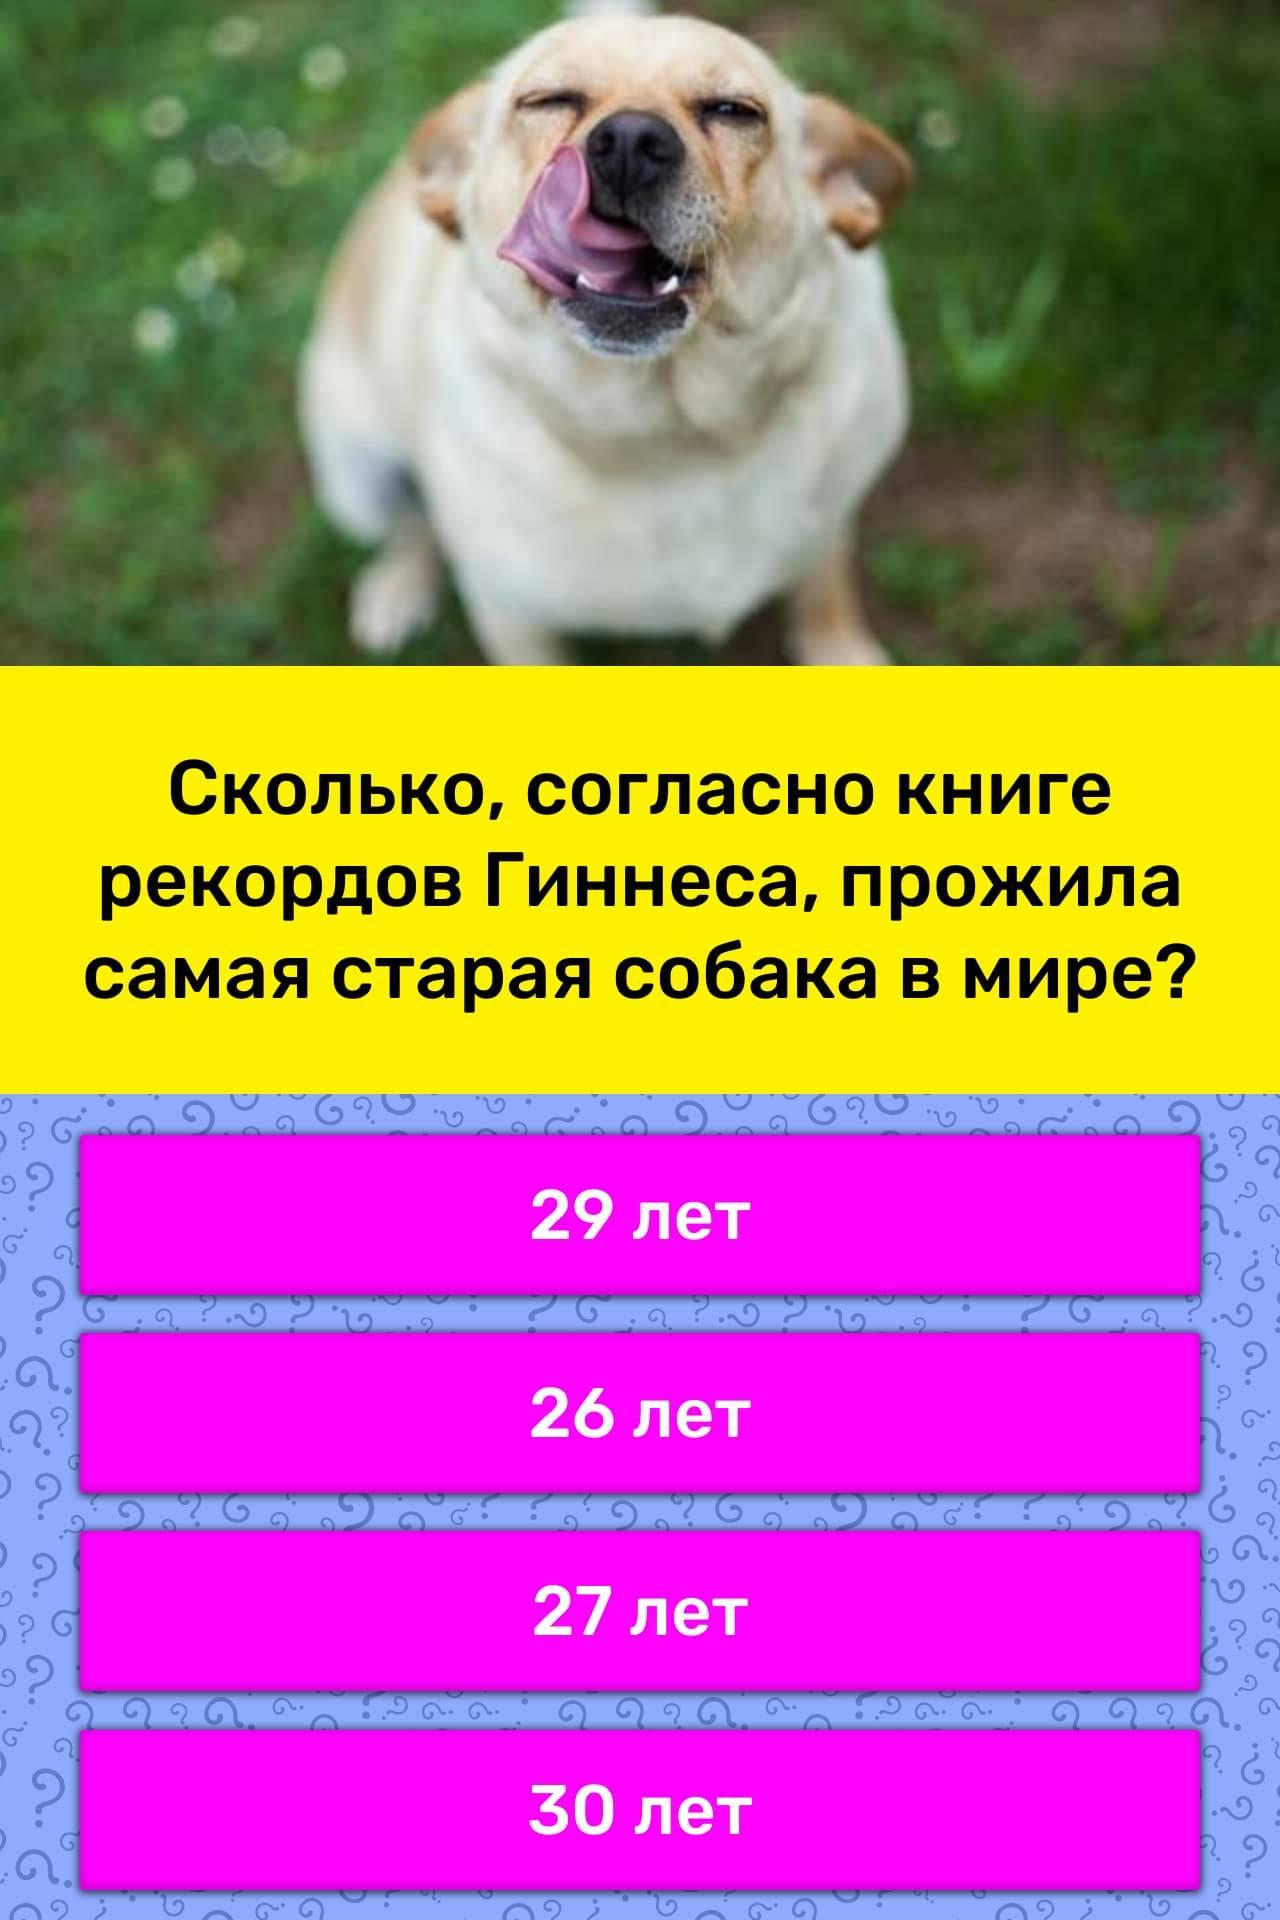 Продолжительность жизни собак: факторы, влияющие на это, сколько в среднем живет собака в домашних условиях?